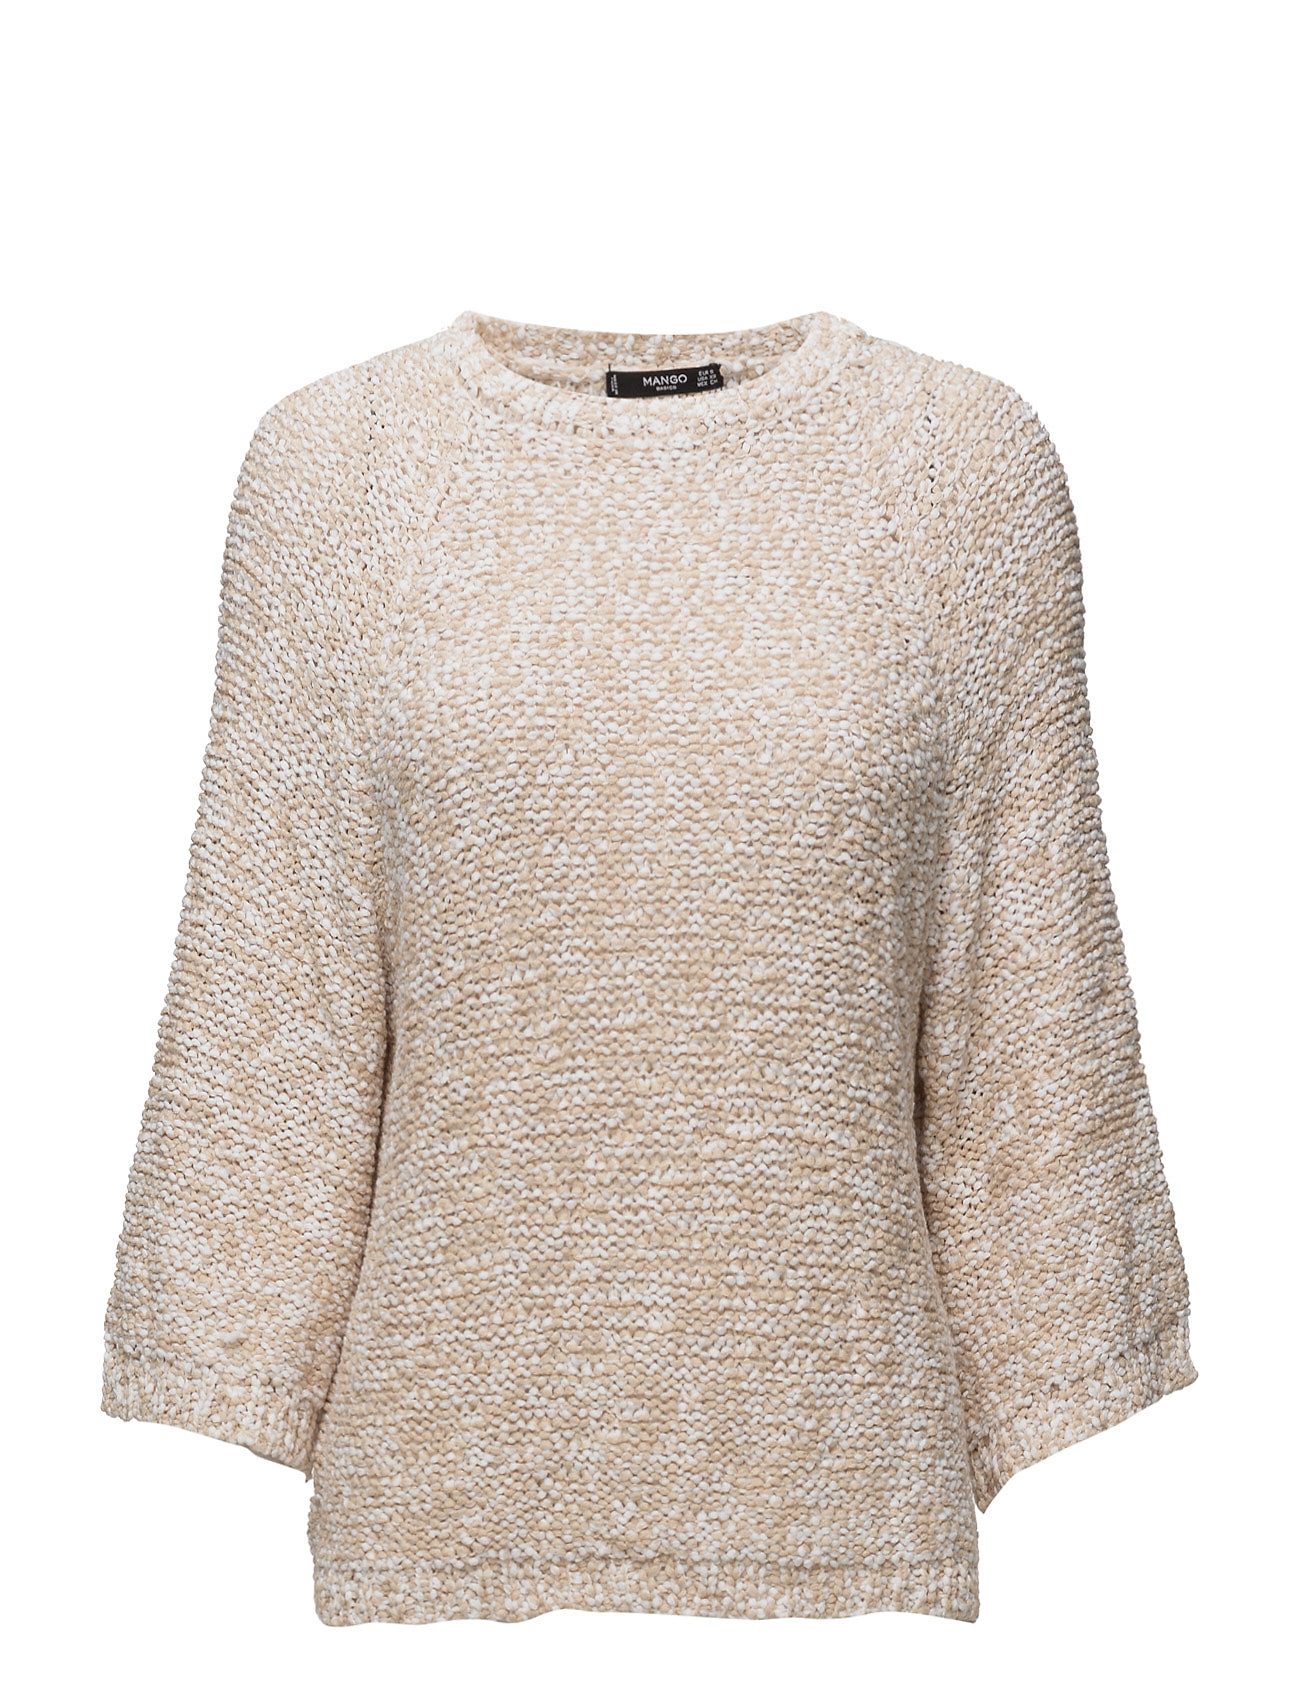 Bicolor Cotton Sweater Mango Striktøj til Kvinder i